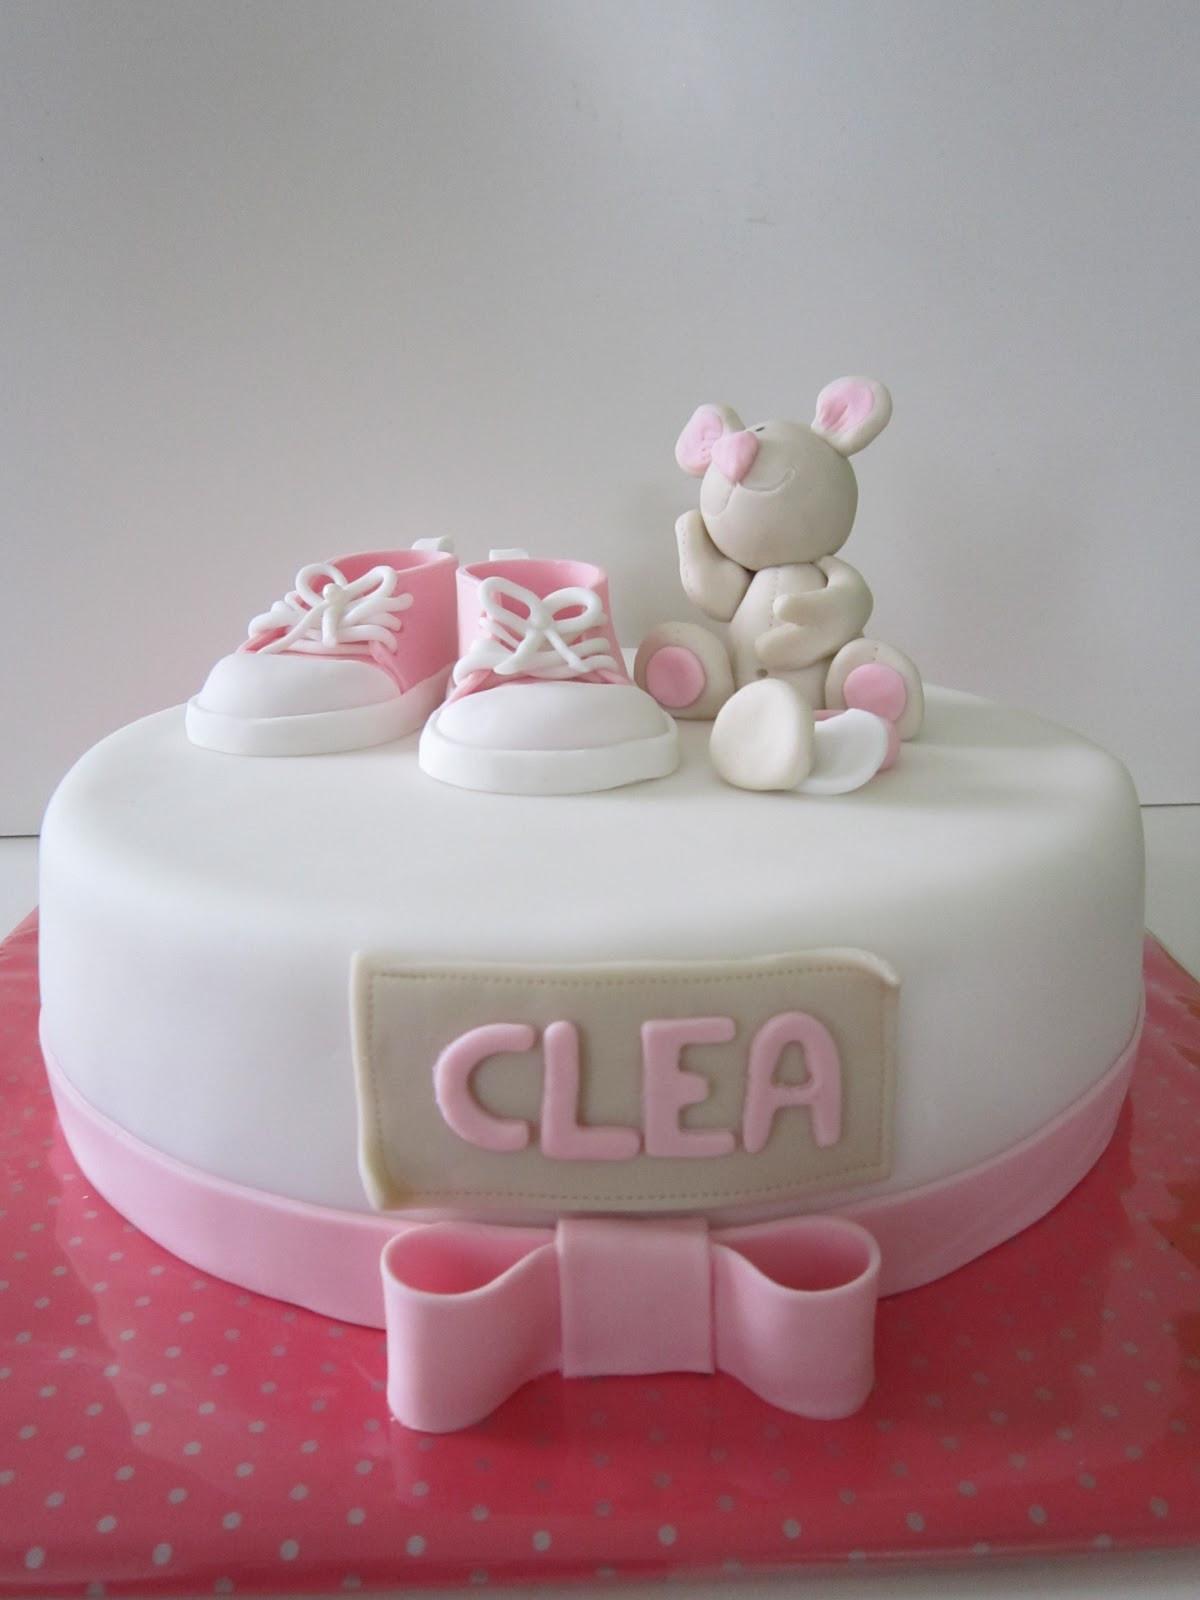 Geburtstagstorte Zum 1 Geburtstag  FONDANT TORTEN REISEN UND ICH Torte zum 1 Geburtstag